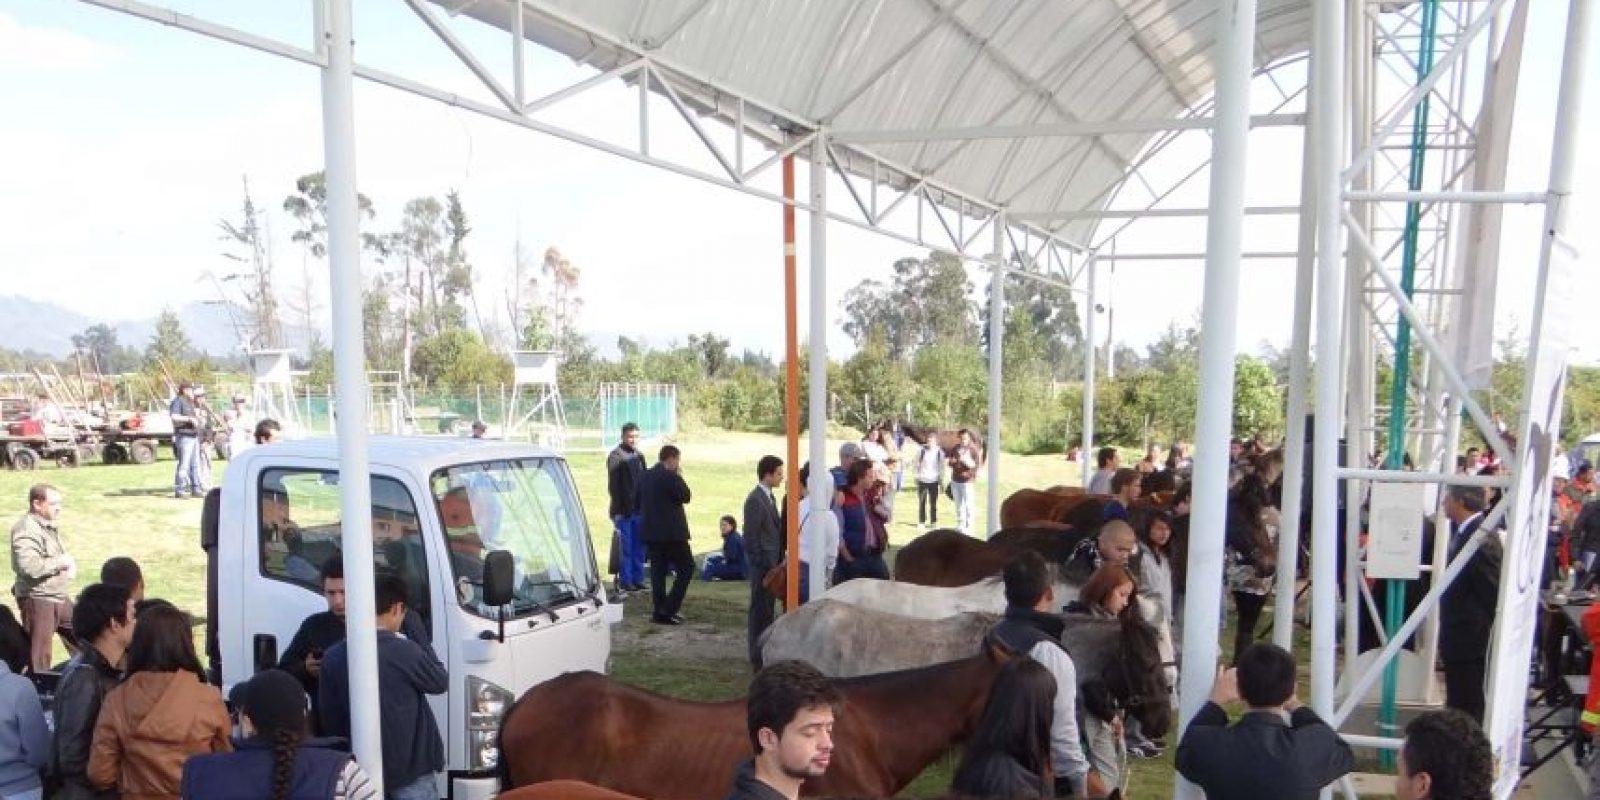 El objetivo de esta etapa consiste en la recepción, valoración, tratamiento, alojamiento y entrega a posibles adoptantes de los caballos. Foto:Diego Hernán Pérez/PUBLIMETRO